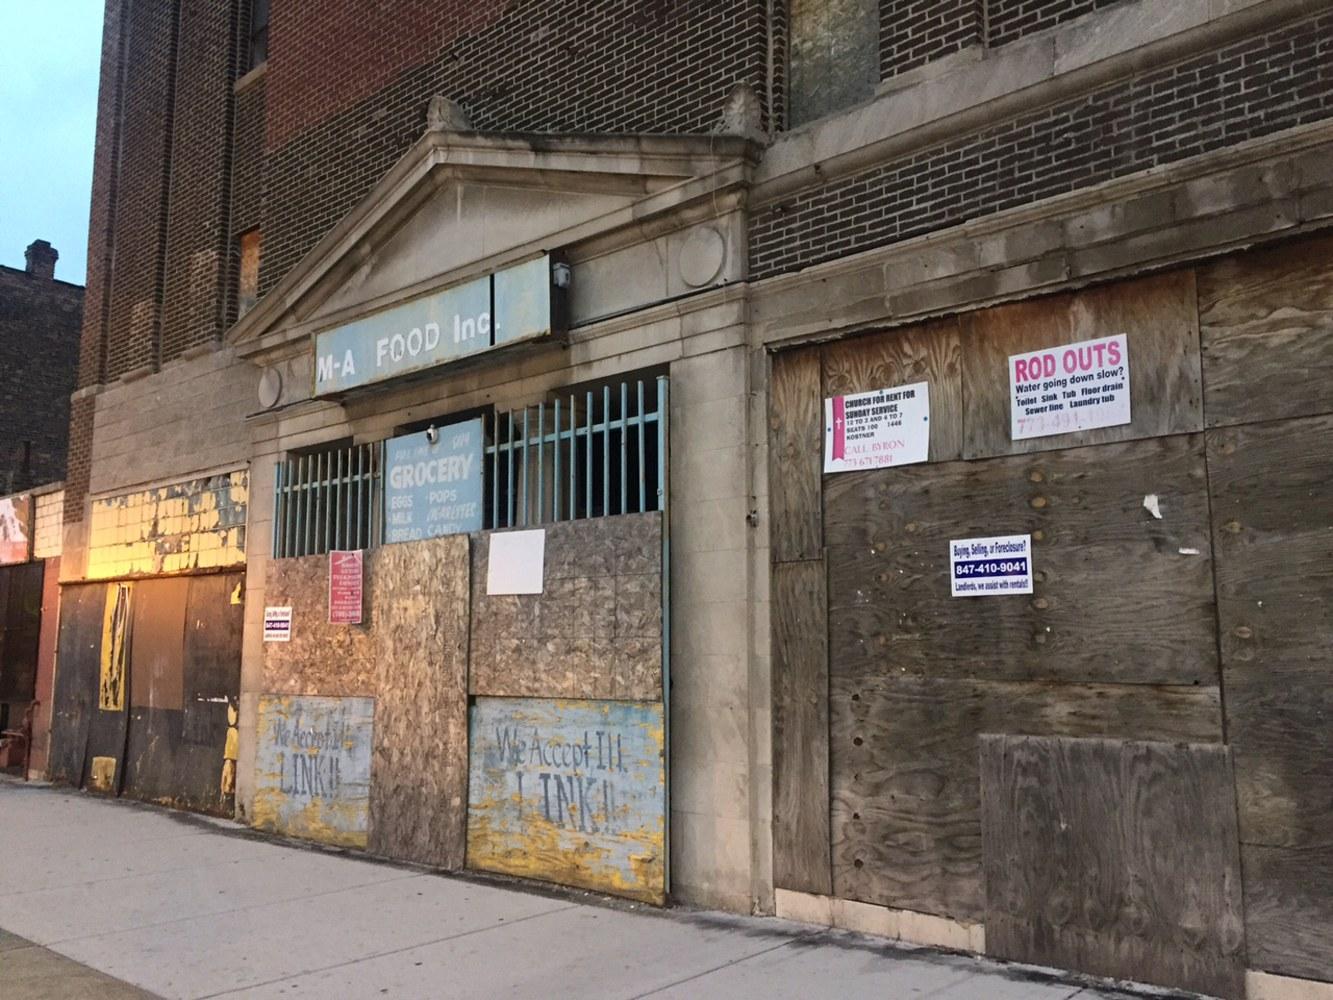 Nbc store chicago - Checkers in atlanta ga